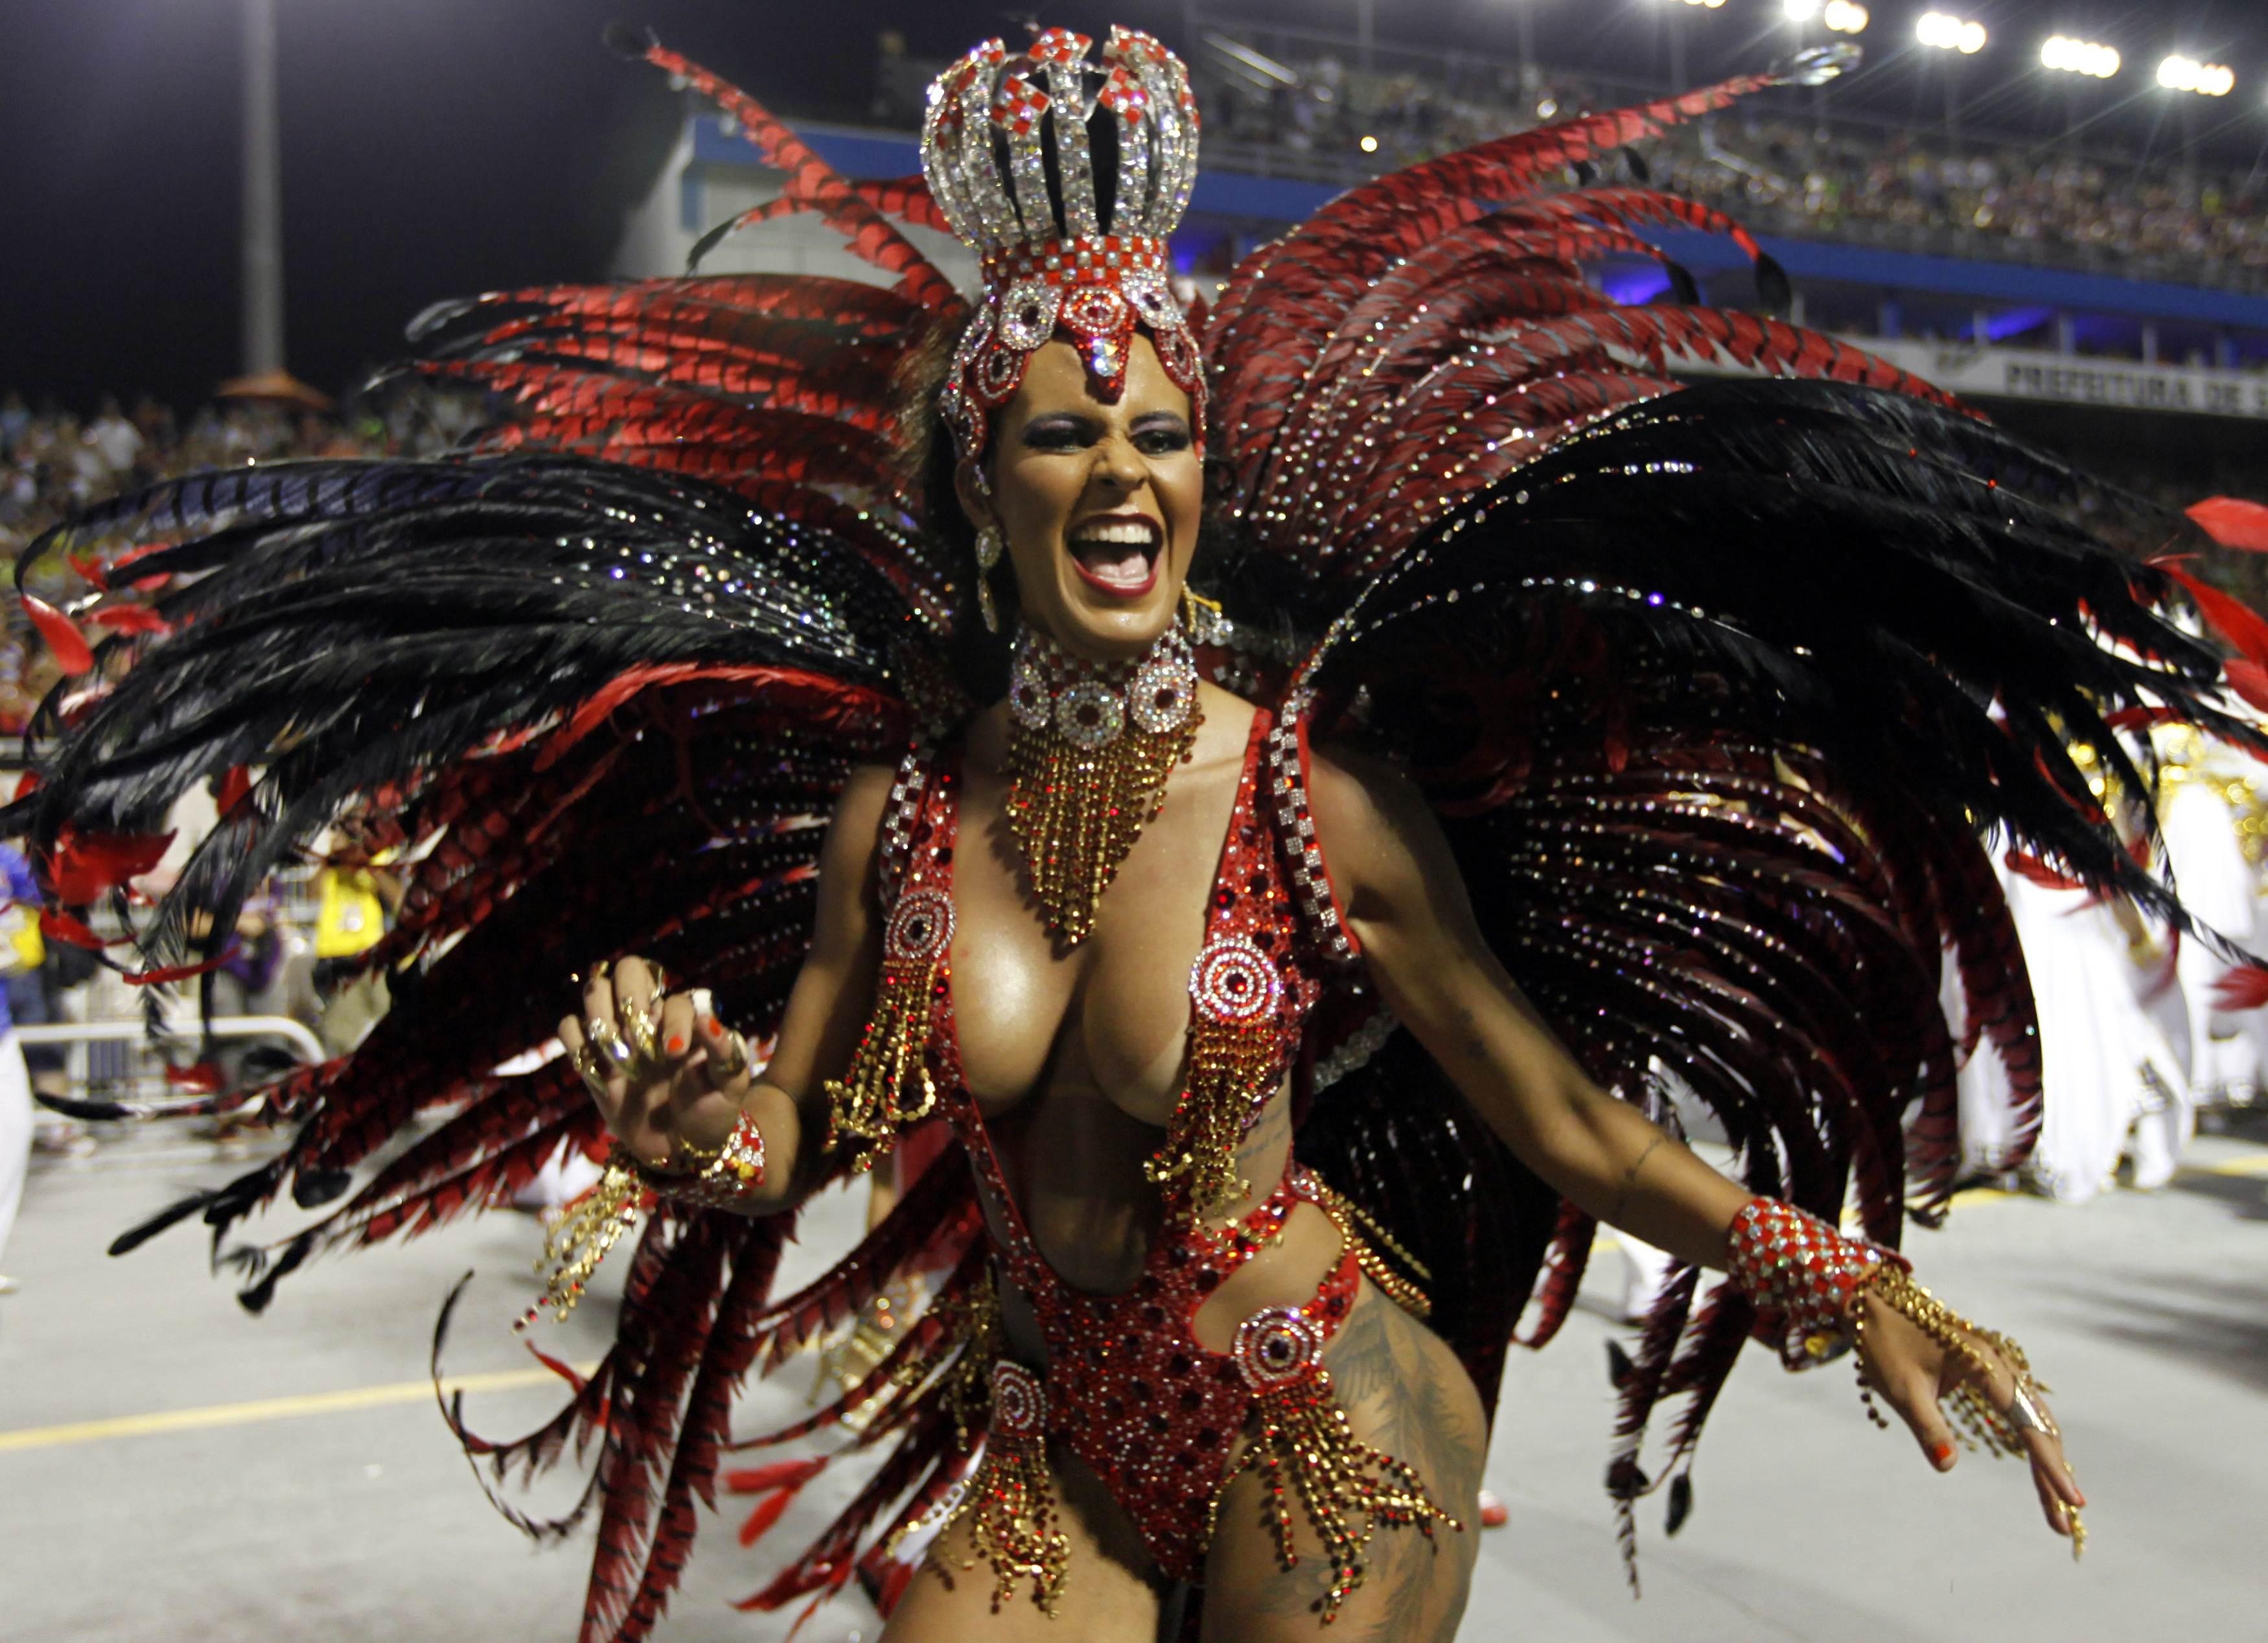 Integrante da escola de samba Pérola Negra durante desfile no Anhembi | Paulo Whitaker/Reuters